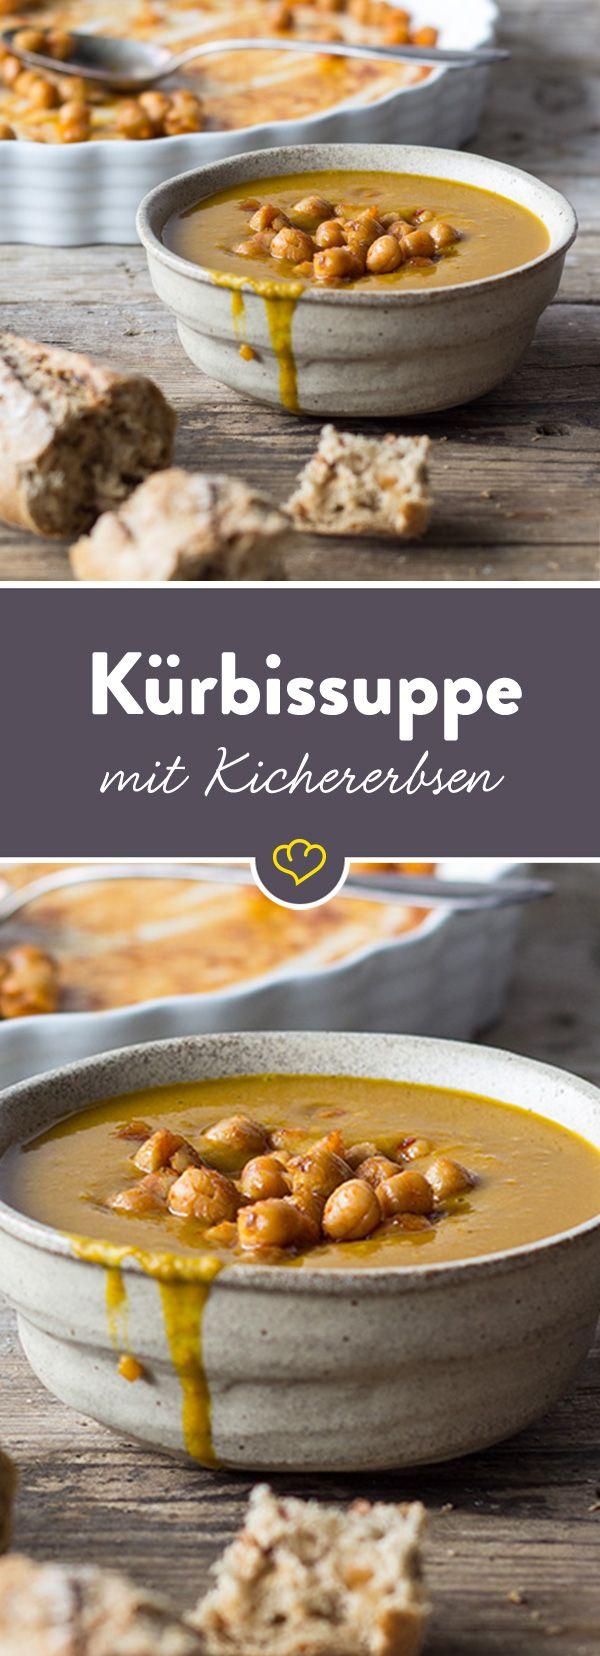 Das Rezept für leckere Kürbissuppe mit gebackenen Kichererbsen und viele weitere Rezeptideen für den Herbst finden Sie im Springlane Magazin.